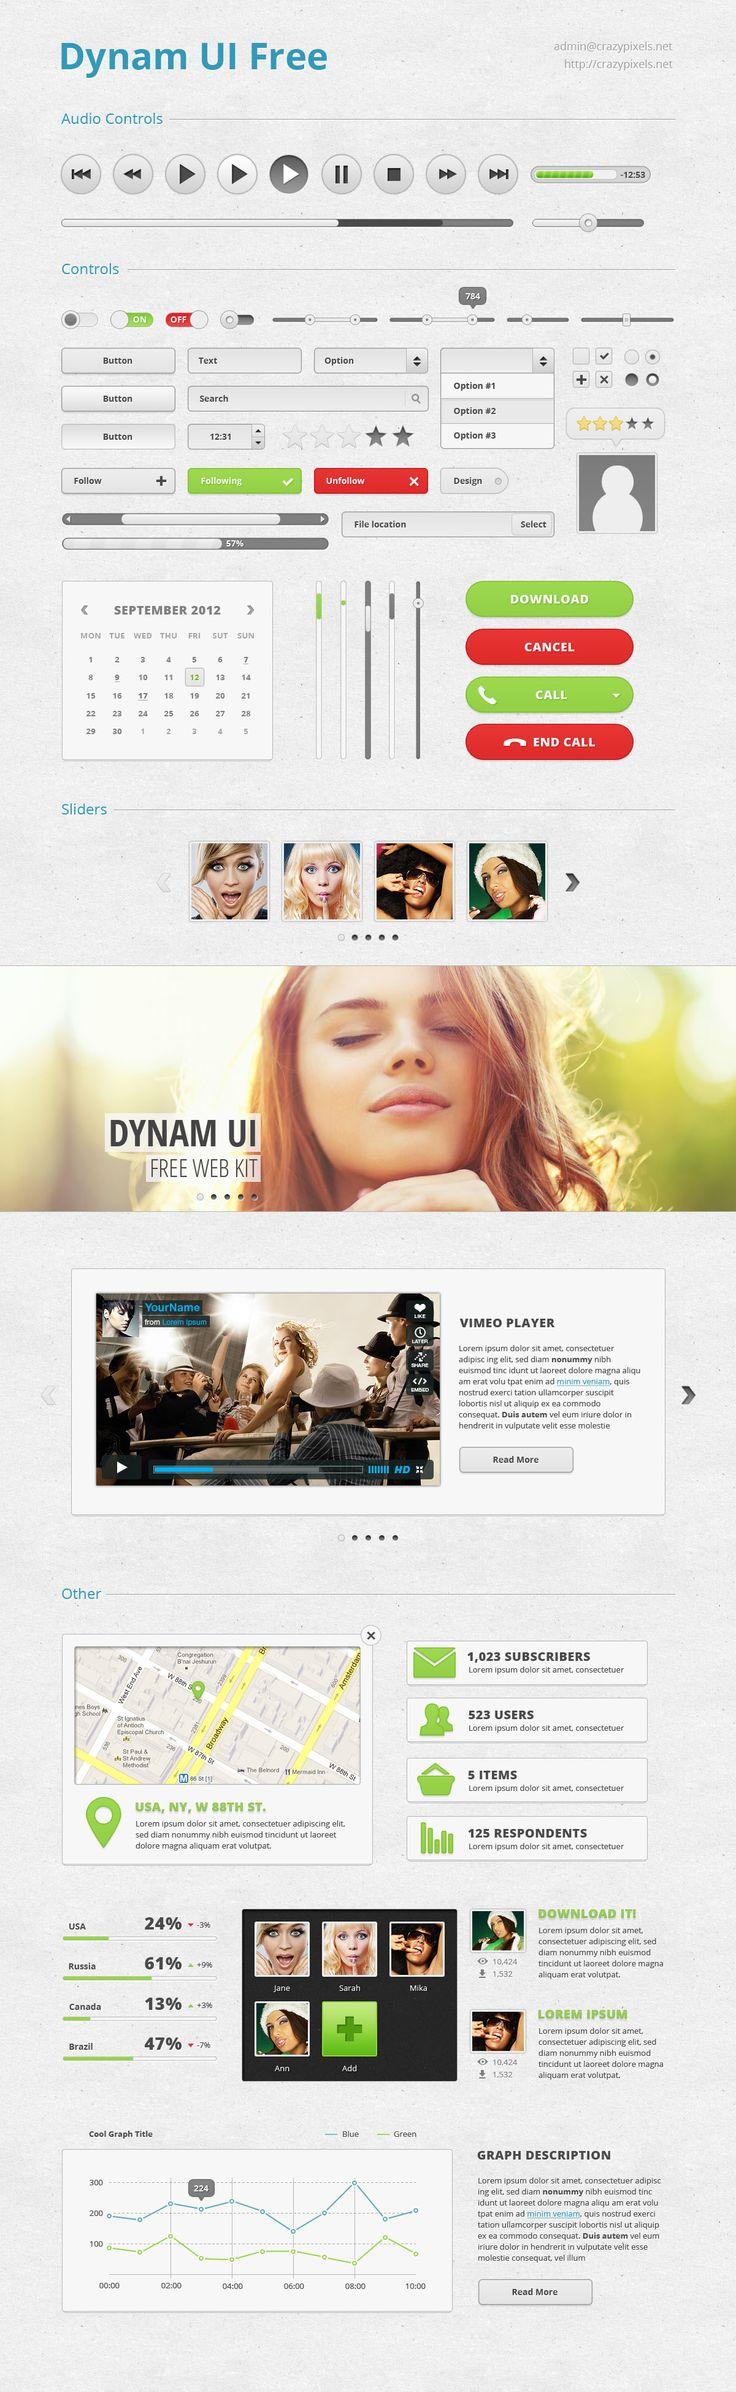 Dynam UI: Free Incredibly User Interface Kit